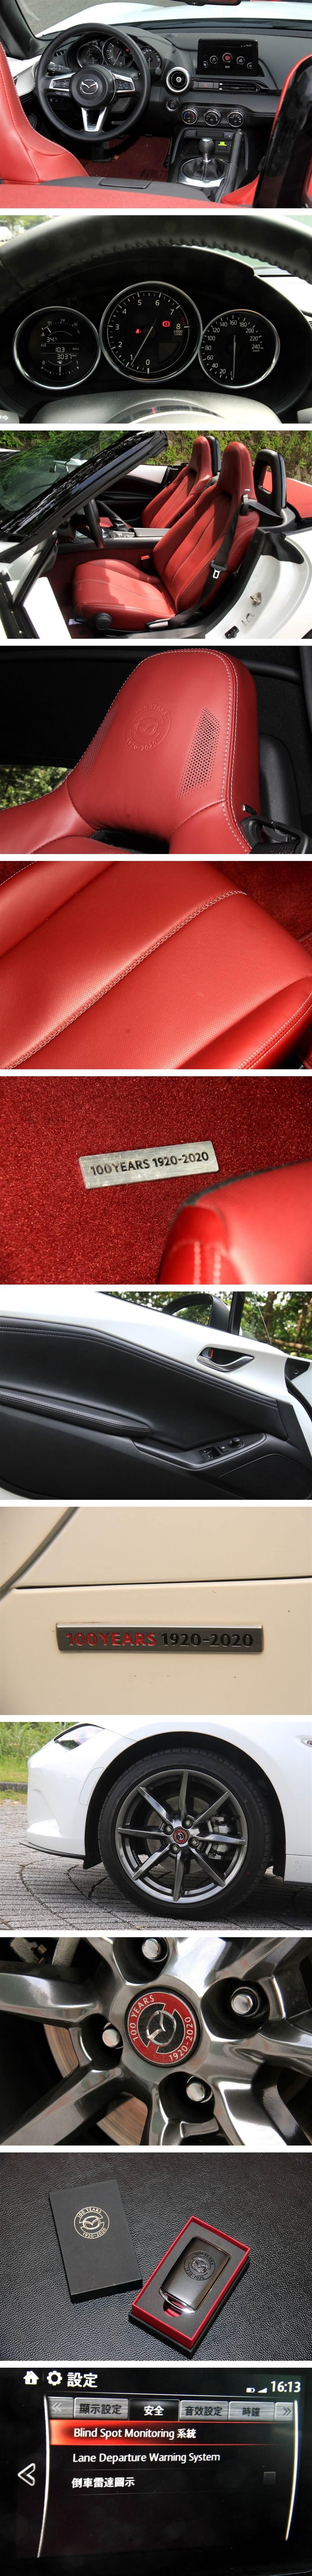 盲點偵測、後車警示以及車道偏移警示均為標準配備。